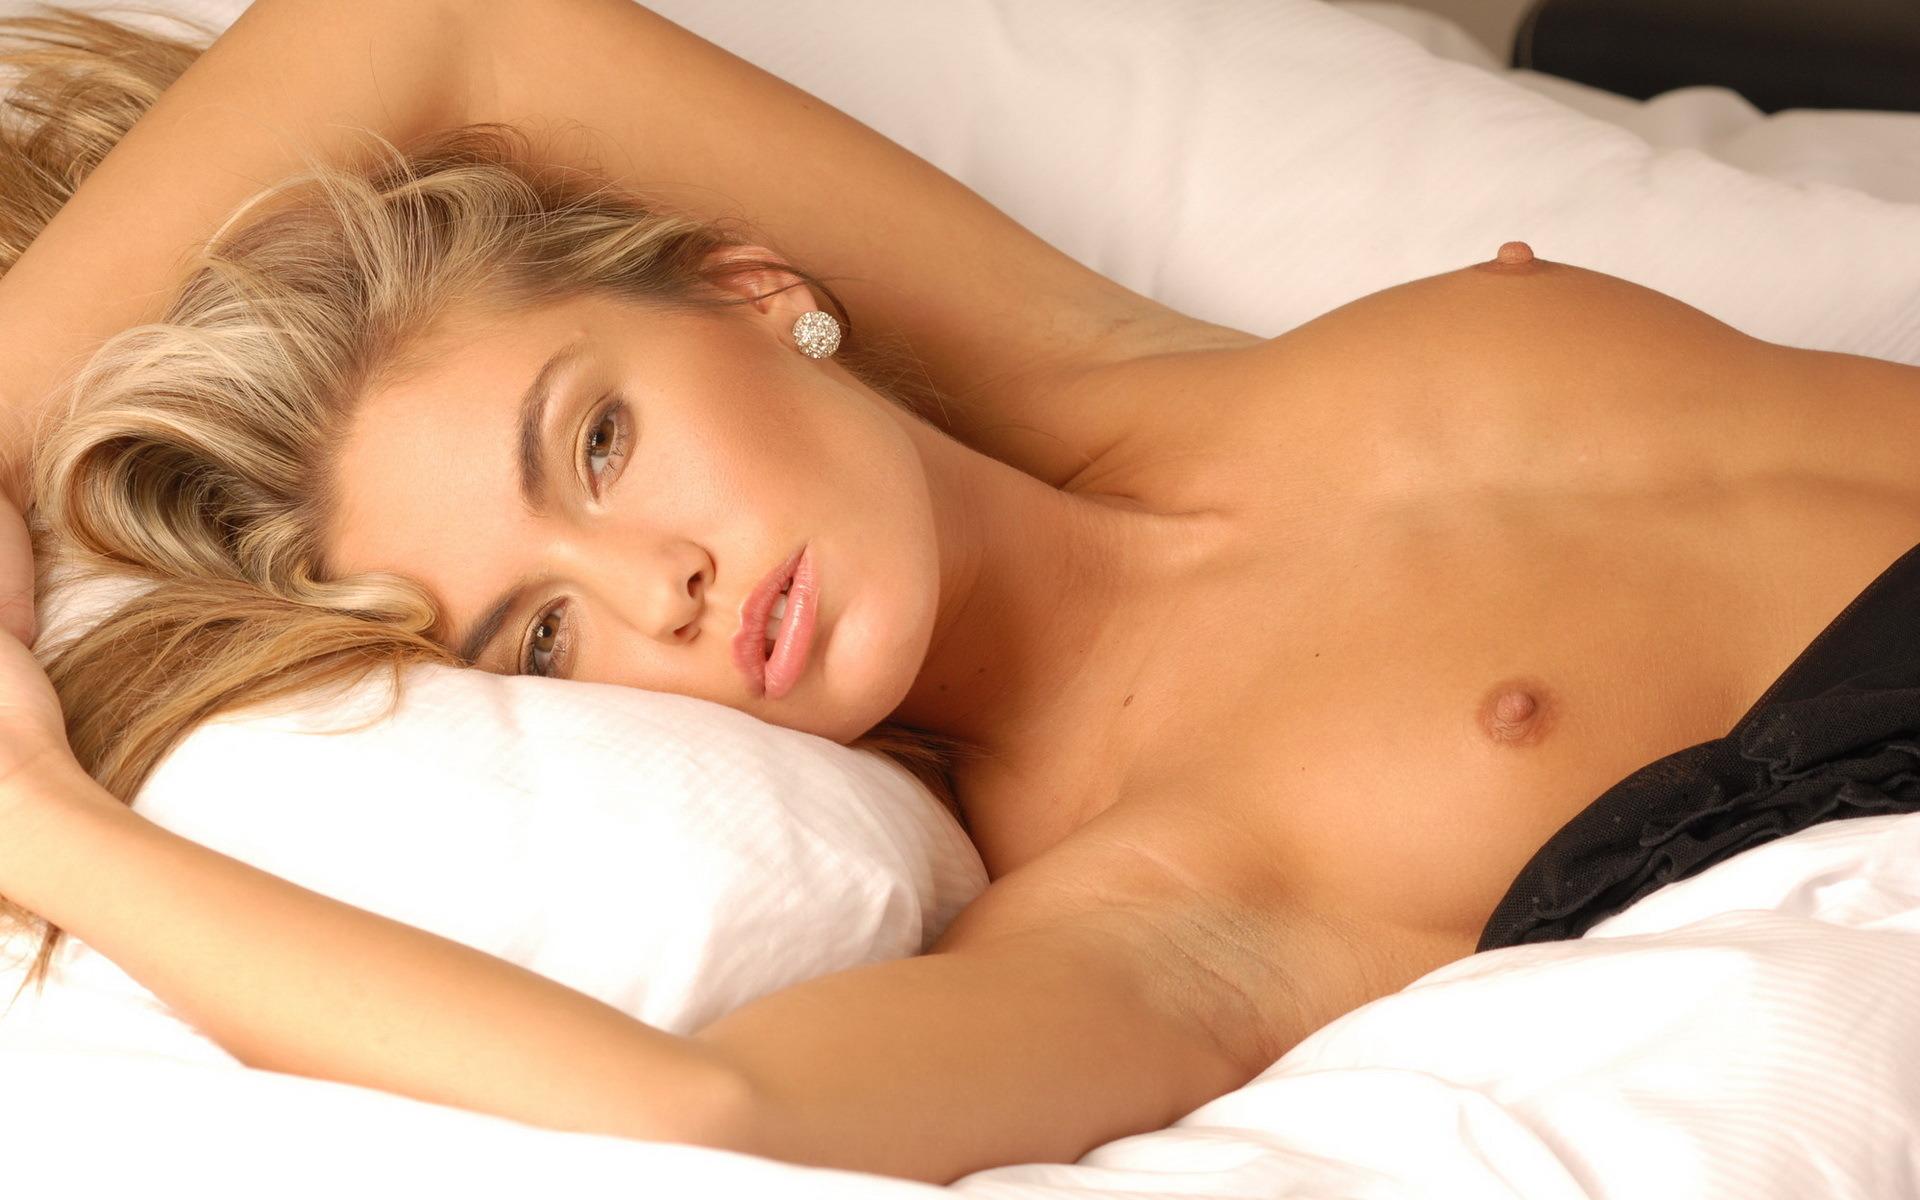 Фото как сосут женские груди 17 фотография